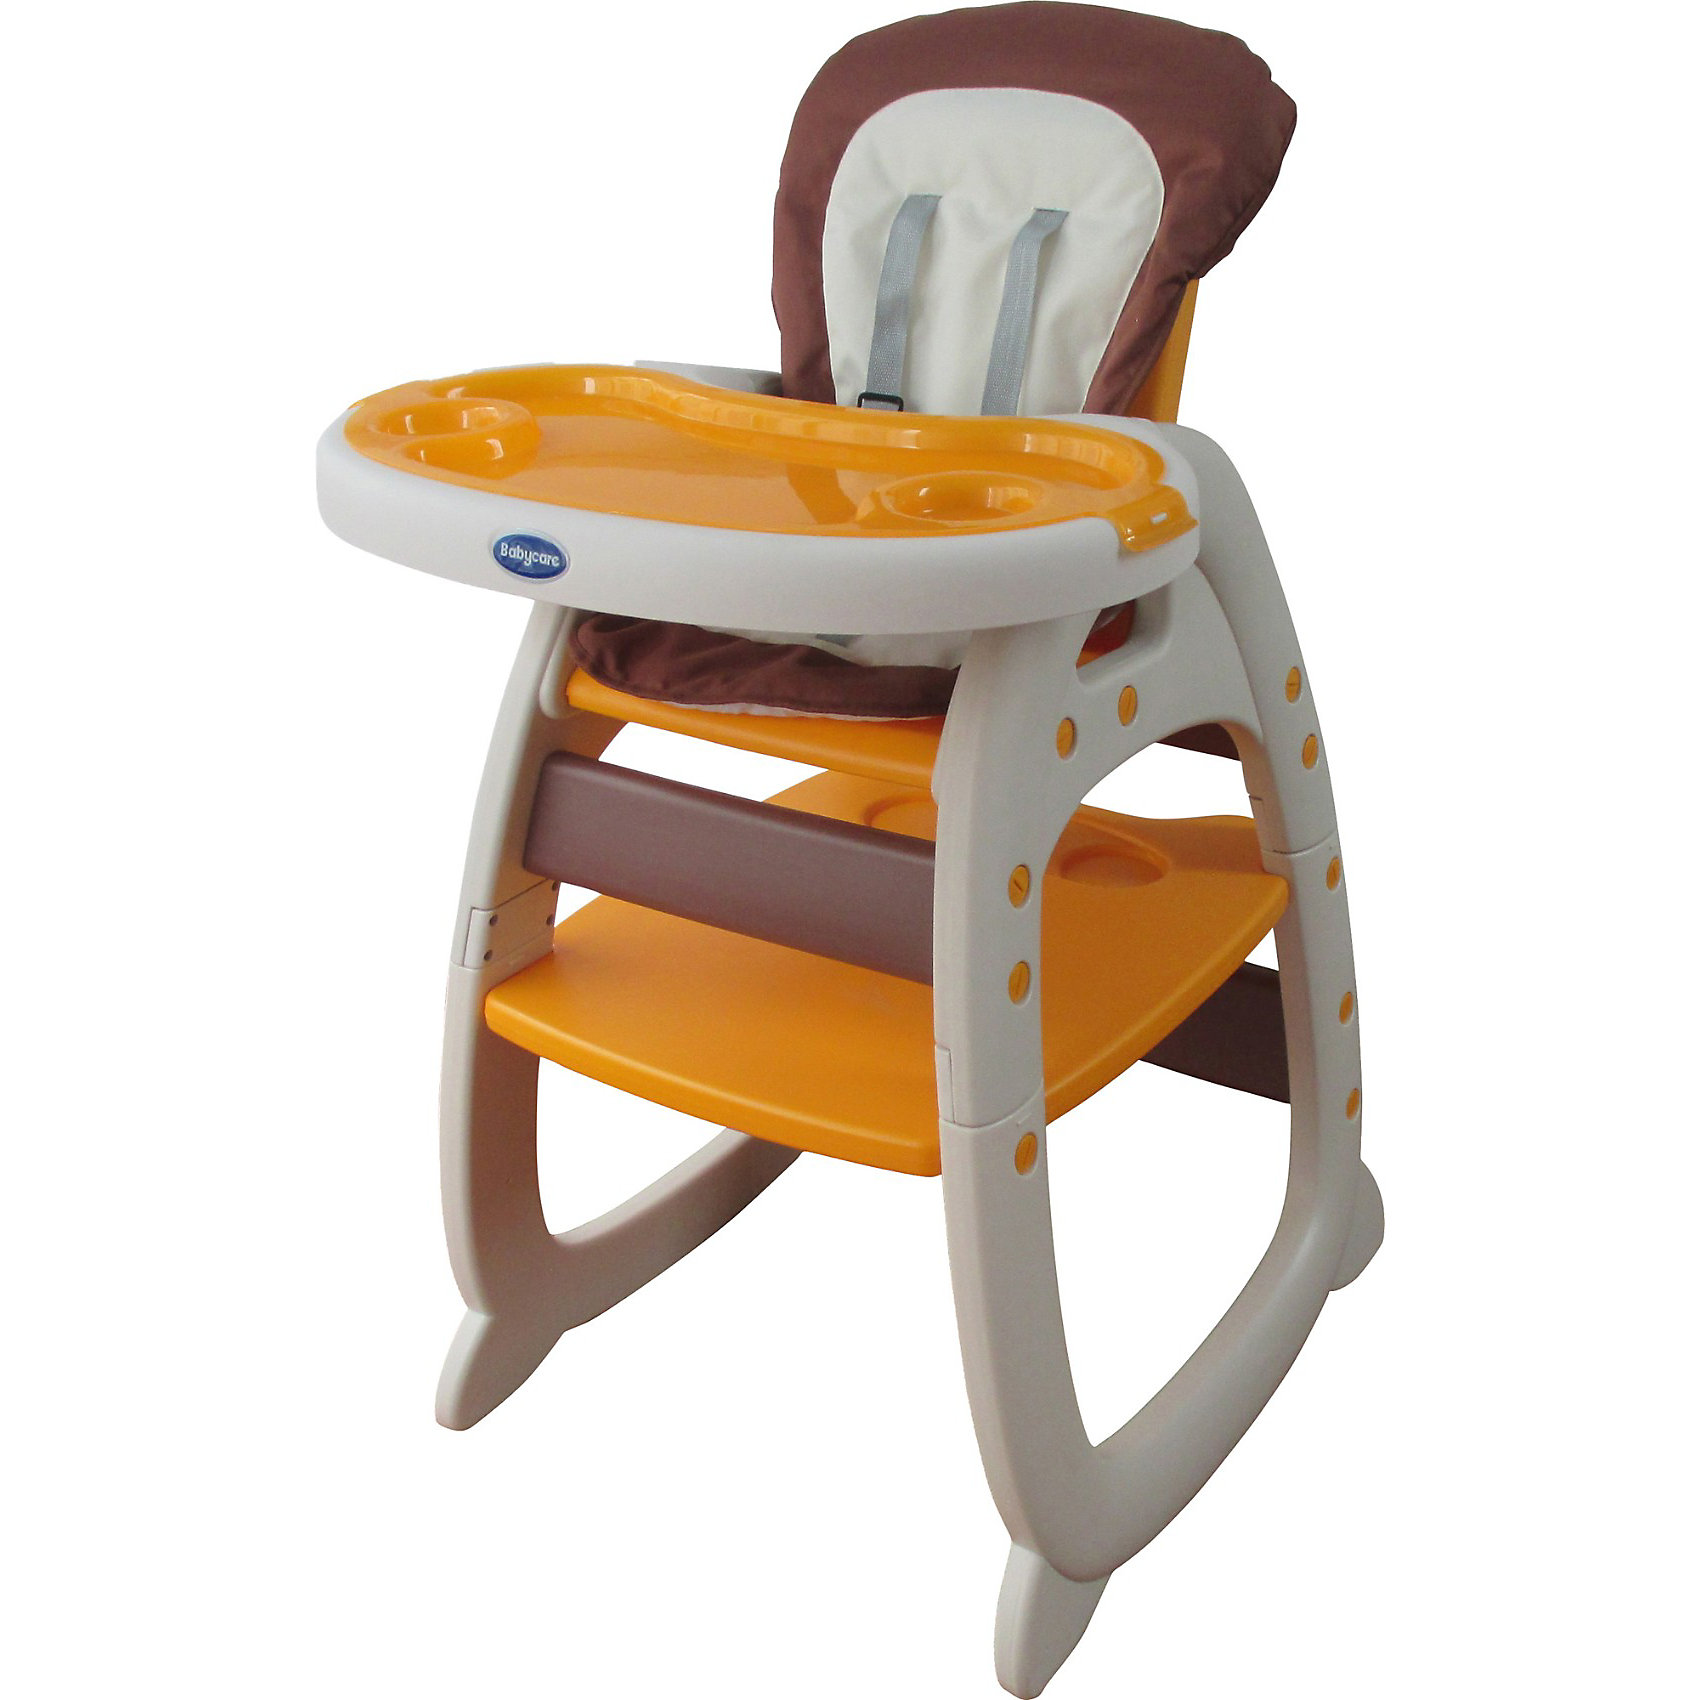 Стульчик-трансформер O-ZONE, Baby Care, бежевыйХарактеристики:<br><br>• комплект O-ZONE используется как стульчик для кормления и как столик со стульчиком;<br>• конструкция: трансформер;<br>• регулируется спинка: 3 положения;<br>• регулируется глубина столешницы: 3 положения;<br>• имеются 5-ти точечные ремни безопасности;<br>• съемный поднос с углублениями для посуды;<br>• съемные чехлы: стираются при температуре 30 градусов;<br>• материал: пластик, полиэстер (моющееся покрытие);<br>• размер стульчика: 65,5х72х106 см;<br>• вес: 7,6 кг.<br><br>Стульчик-трансформер для кормления малыша и использования как парты со стульчиком – комплект 2в1 для детей в возрасте от 6 месяцев до 3-х лет. Стульчик оснащен ремнями безопасности, имеет регулируемые угол наклона спинки и глубины столешницы. Компактно складывается для хранения и транспортировки. <br><br>Стульчик-трансформер O-ZONE, Baby Care, бежевый можно купить в нашем интернет-магазине.<br><br>Ширина мм: 660<br>Глубина мм: 270<br>Высота мм: 550<br>Вес г: 8700<br>Цвет: бежевый<br>Возраст от месяцев: 6<br>Возраст до месяцев: 36<br>Пол: Унисекс<br>Возраст: Детский<br>SKU: 3872046